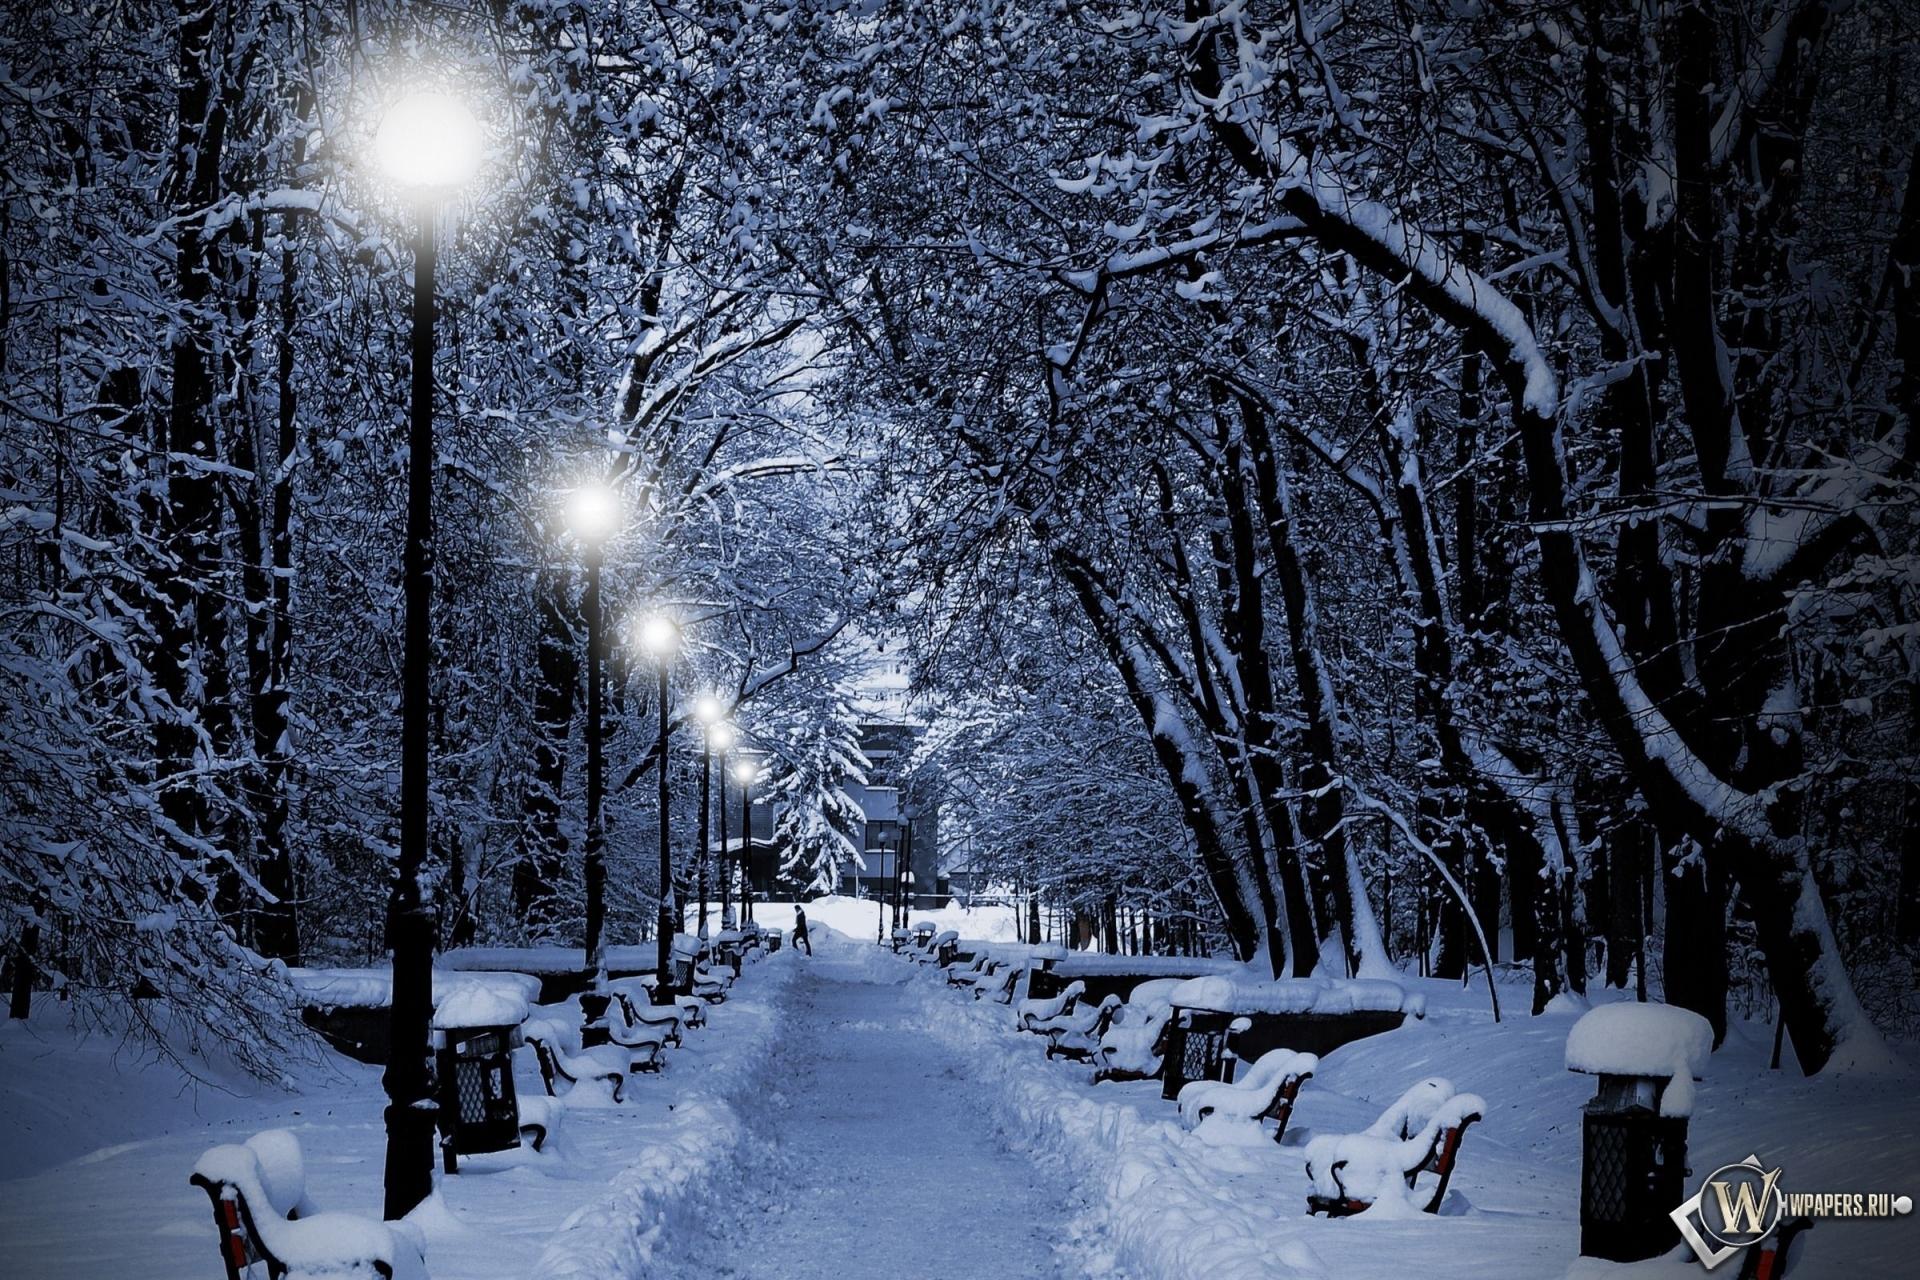 Аллея зимой 1920x1280